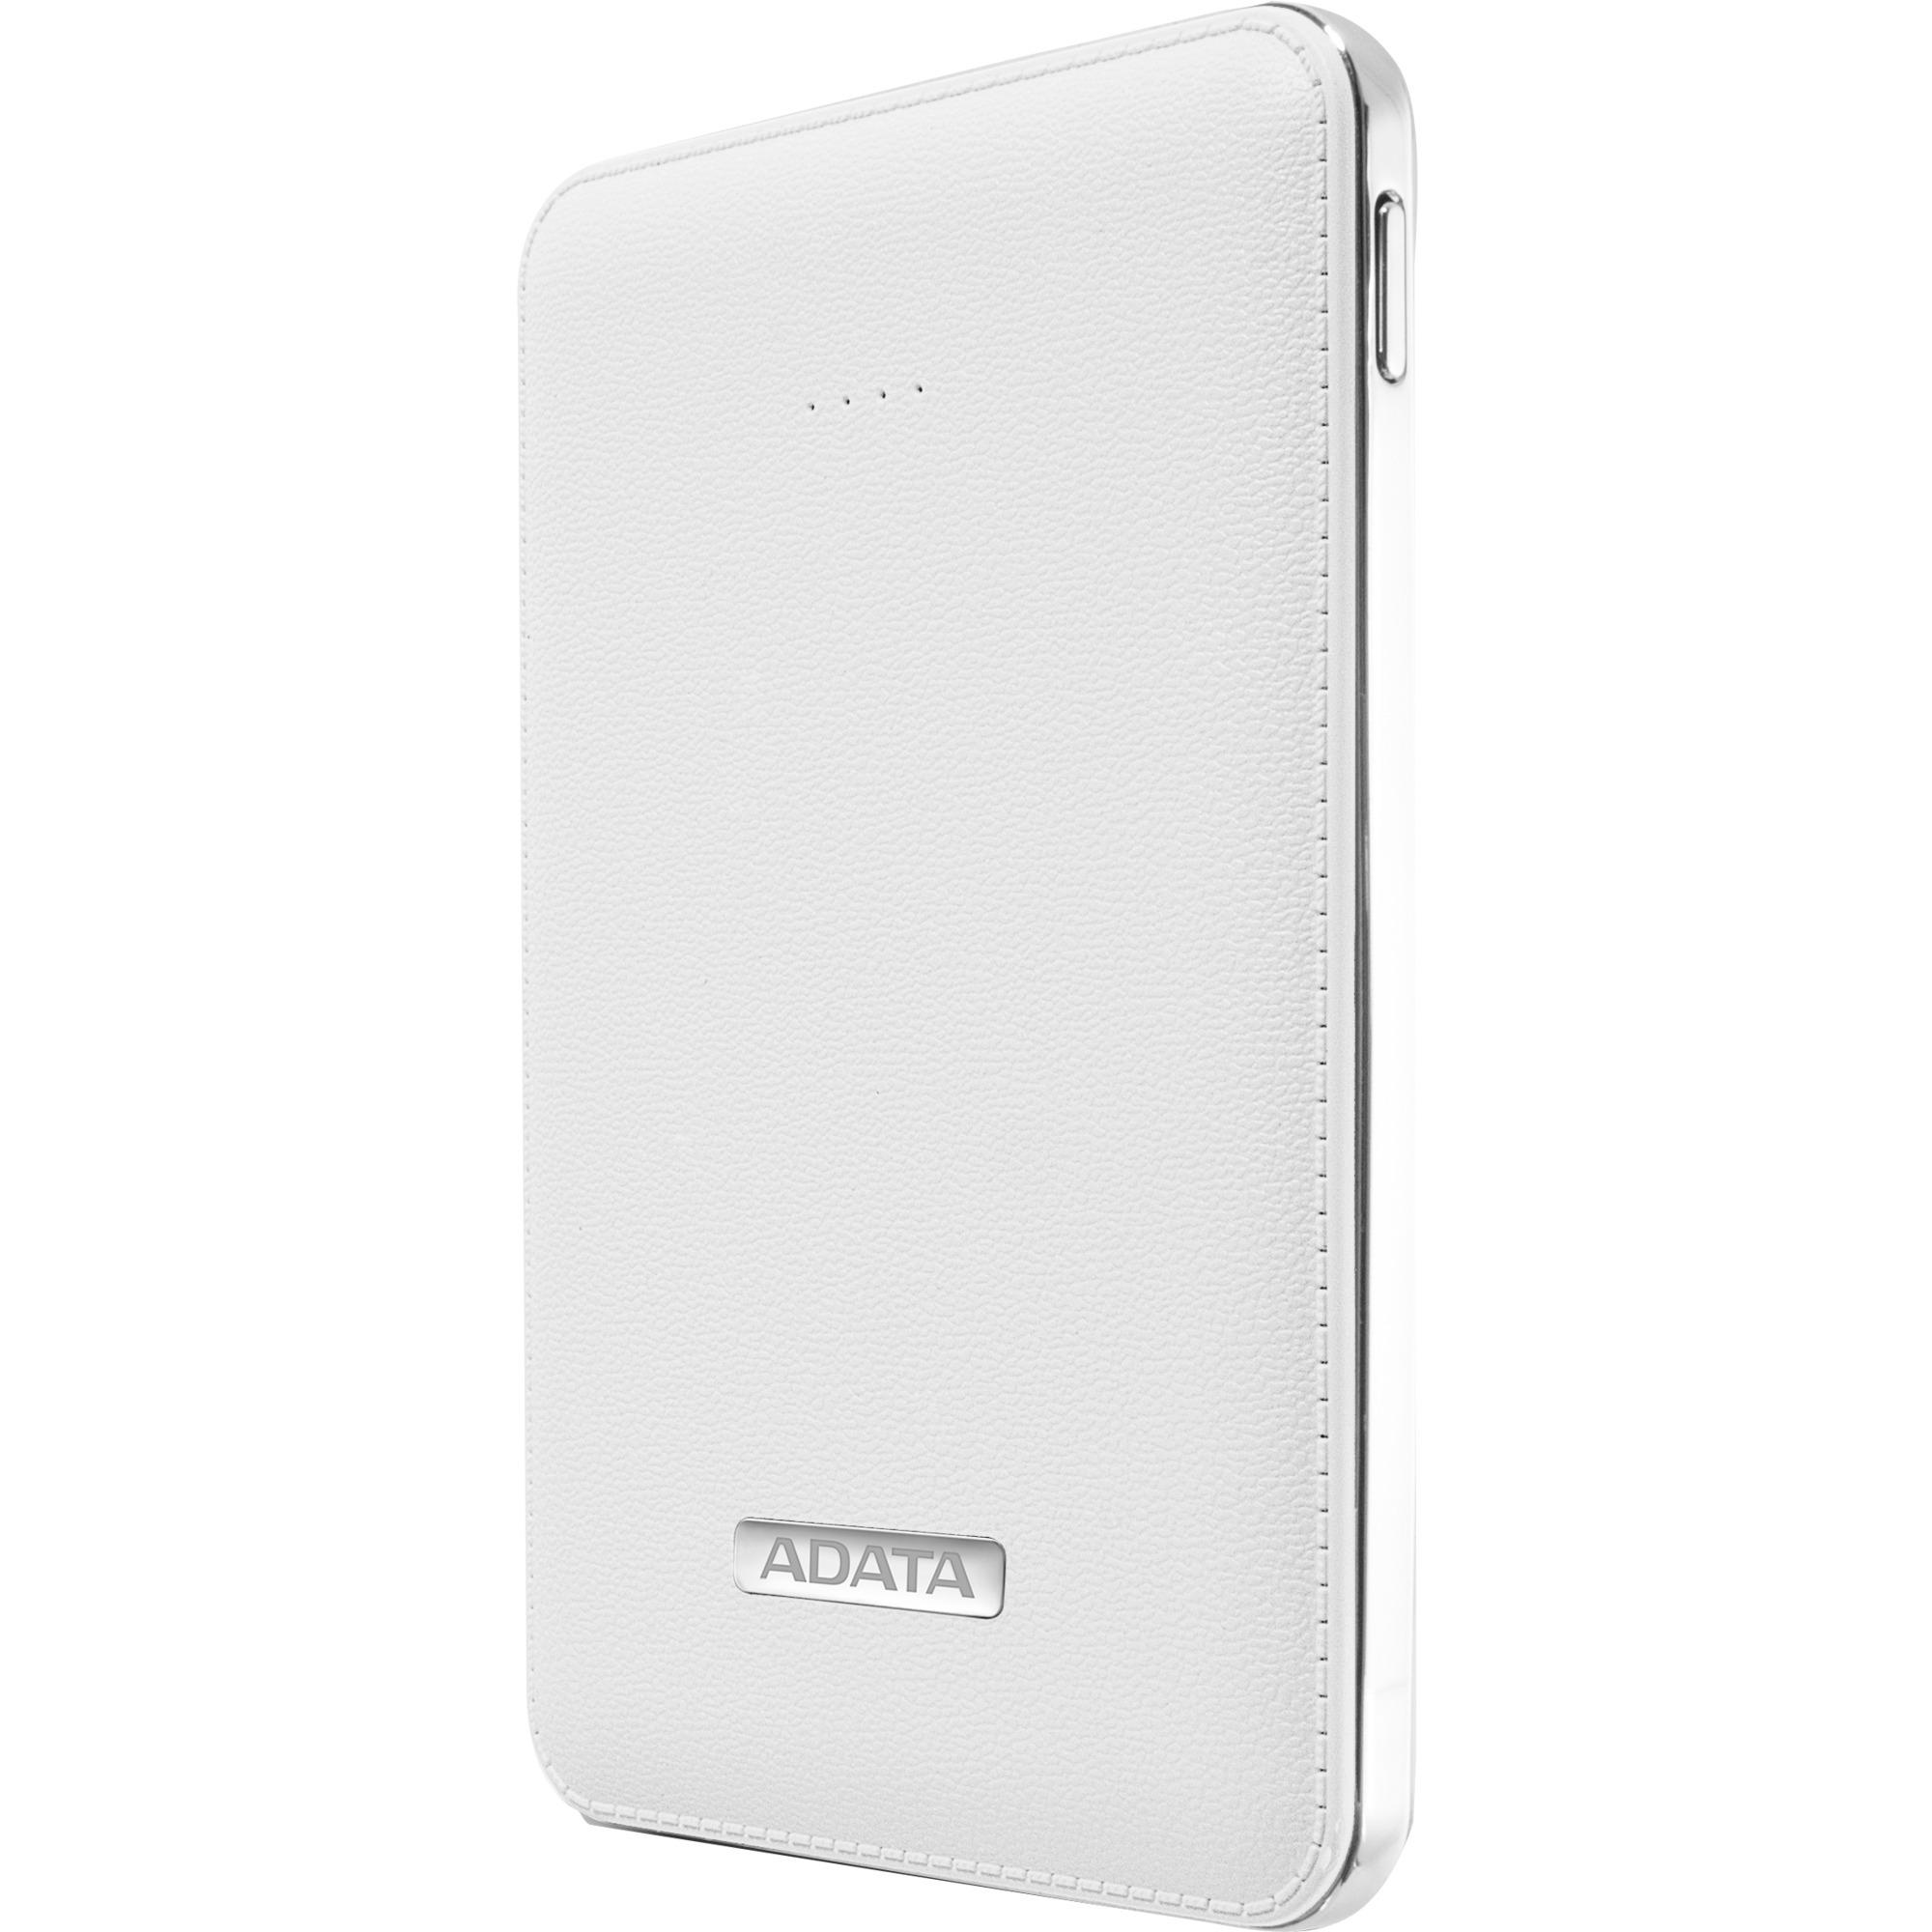 PV120 Lithium Polymer (LiPo) 5100mAh Hvid oplader til genopladelig batteri, Power Bank